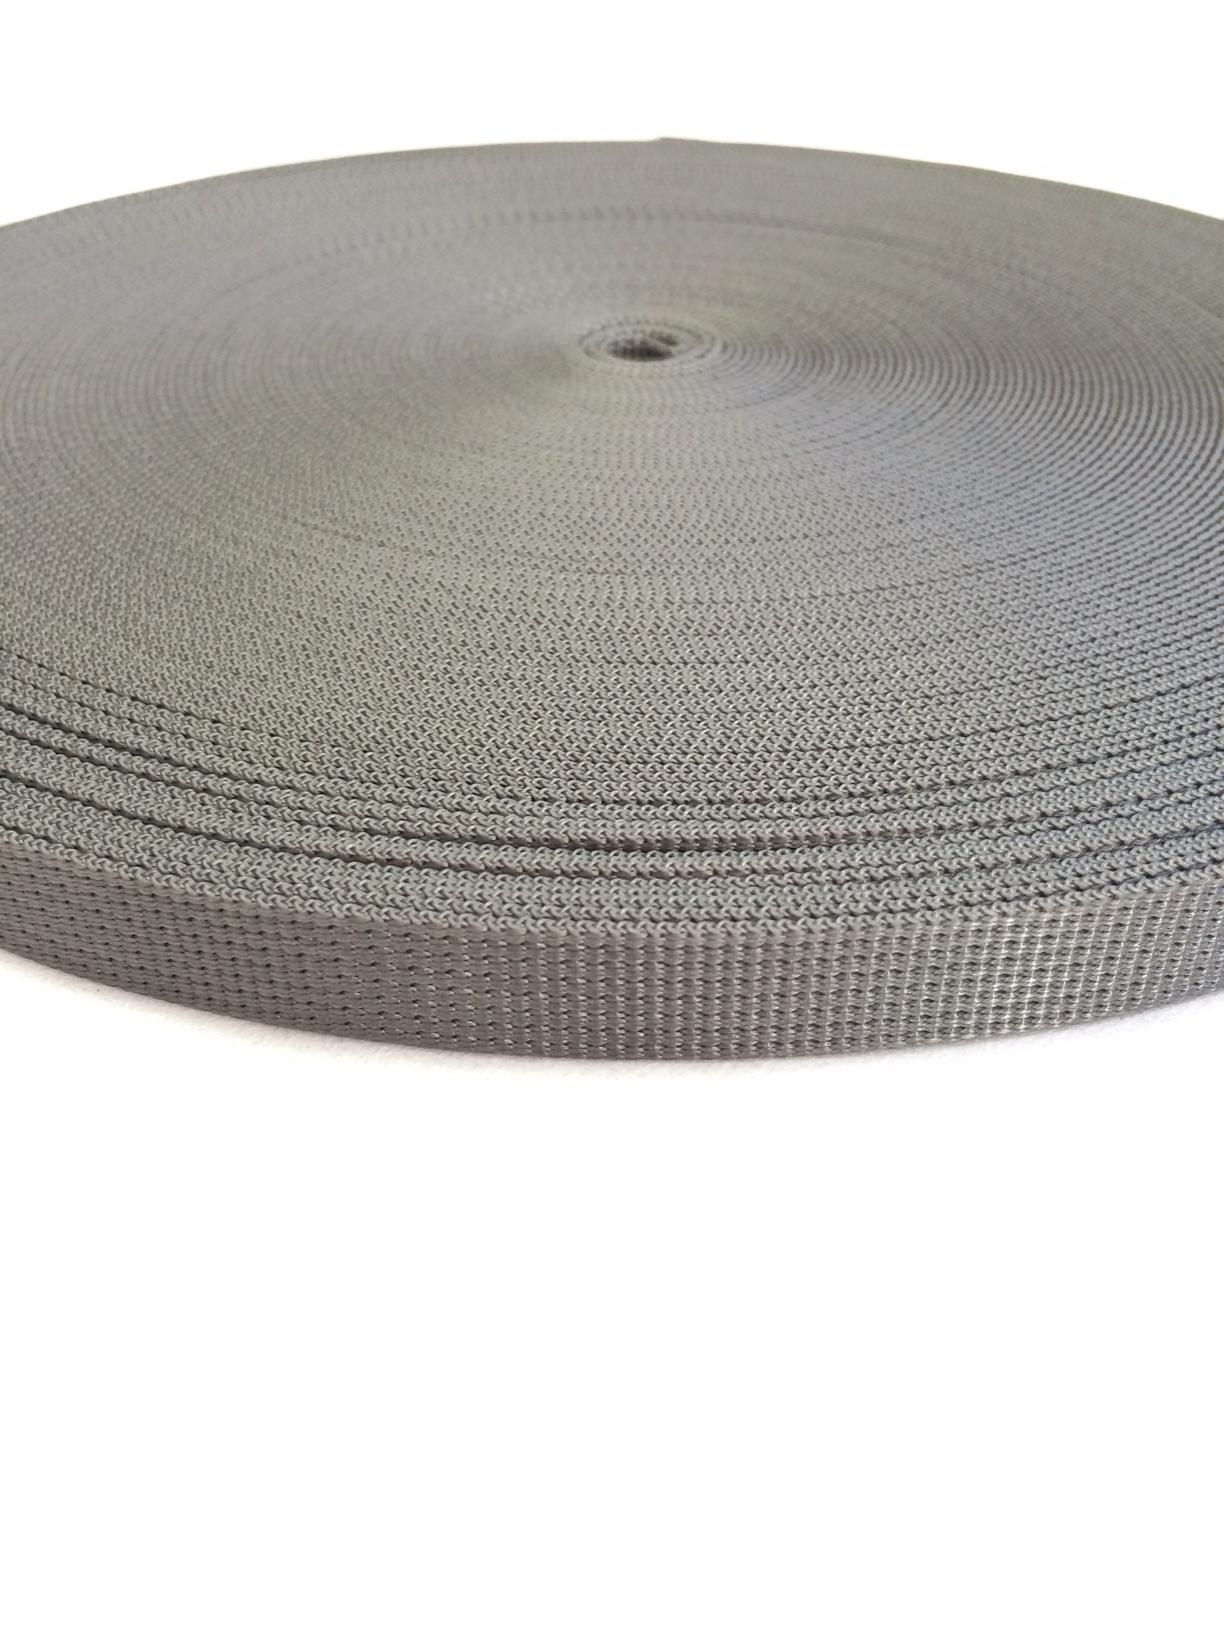 ナイロン  12本トジ織  20mm幅  1.5mm厚 カラー(黒以外) 1反(50m)